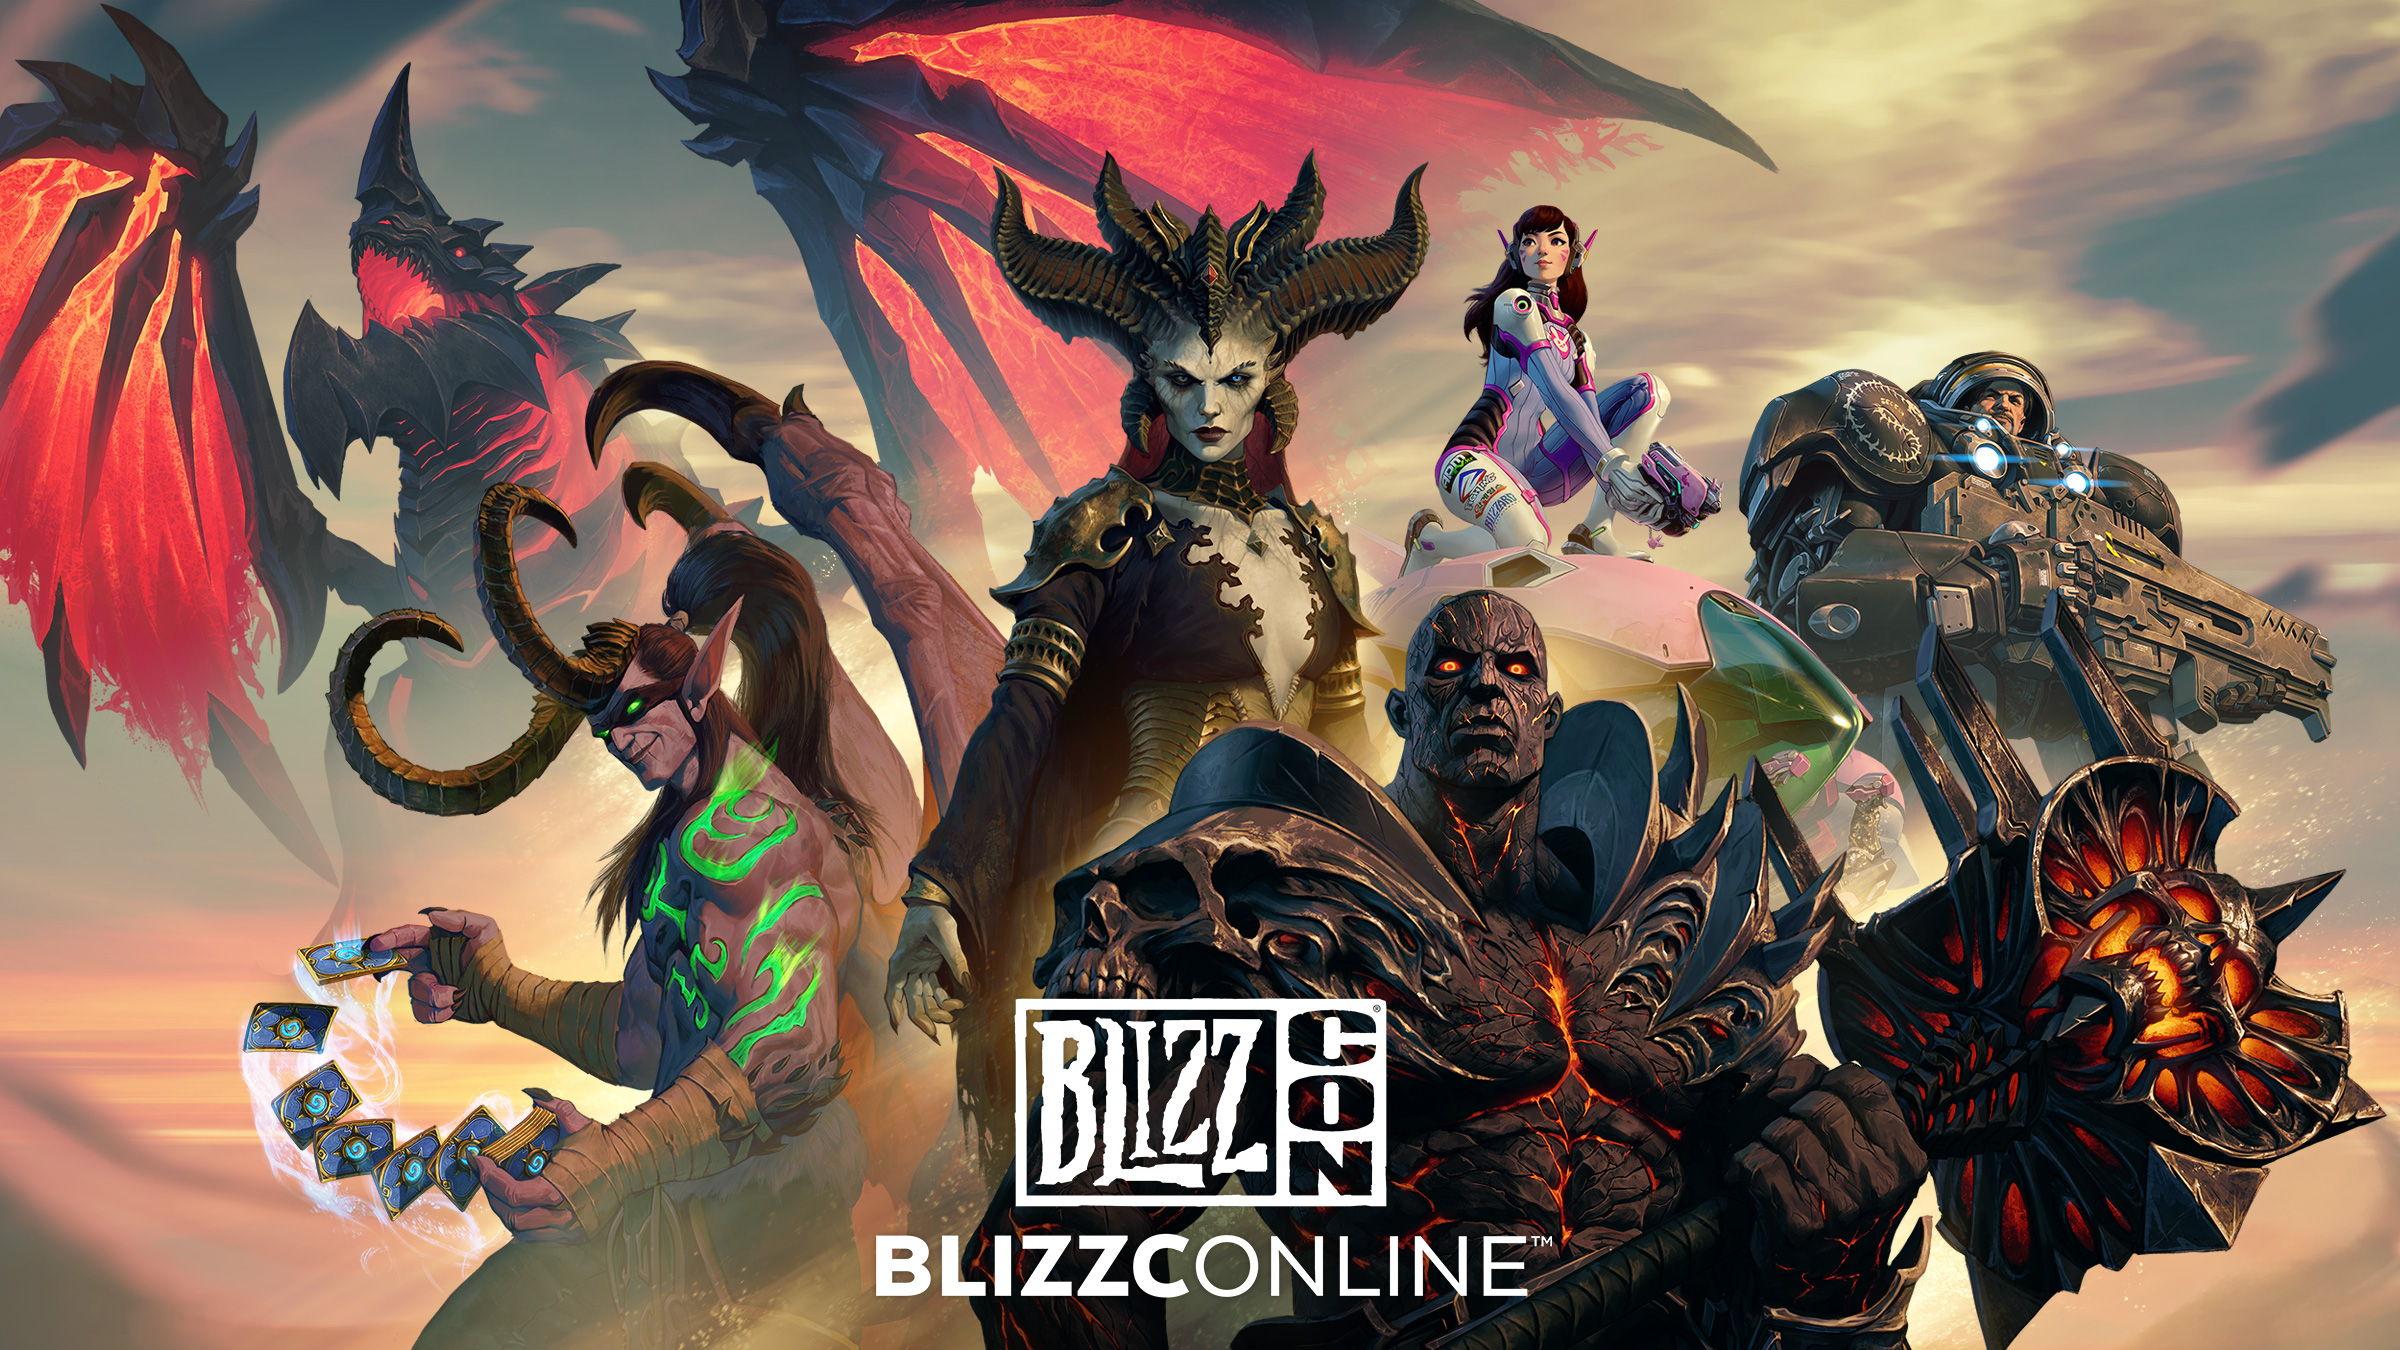 La BlizzConline est l'occasion de faire le plein de nouveautés sur les licences phares de Blizzard Entertainment.